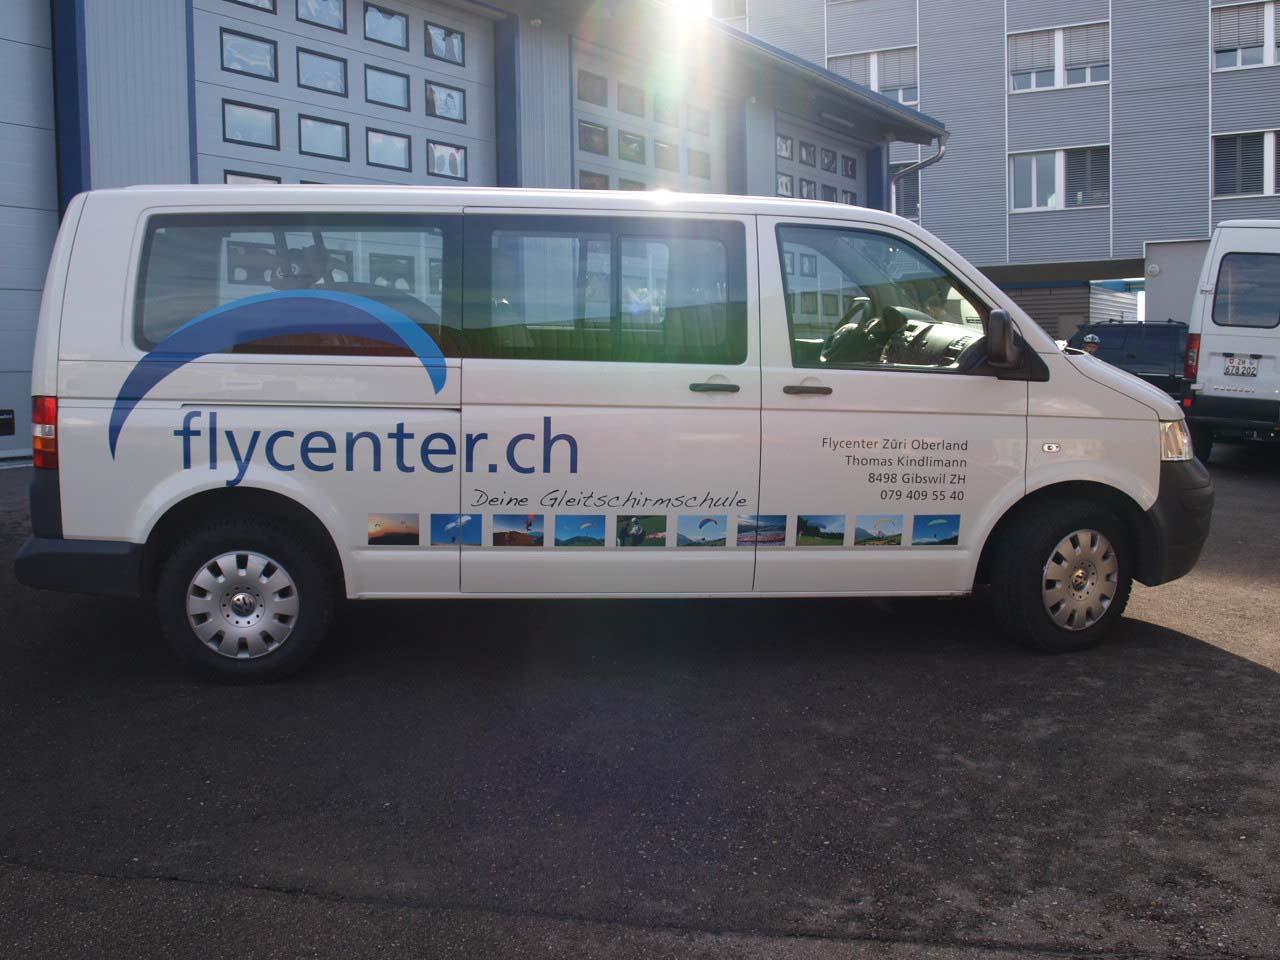 flycenter.ch